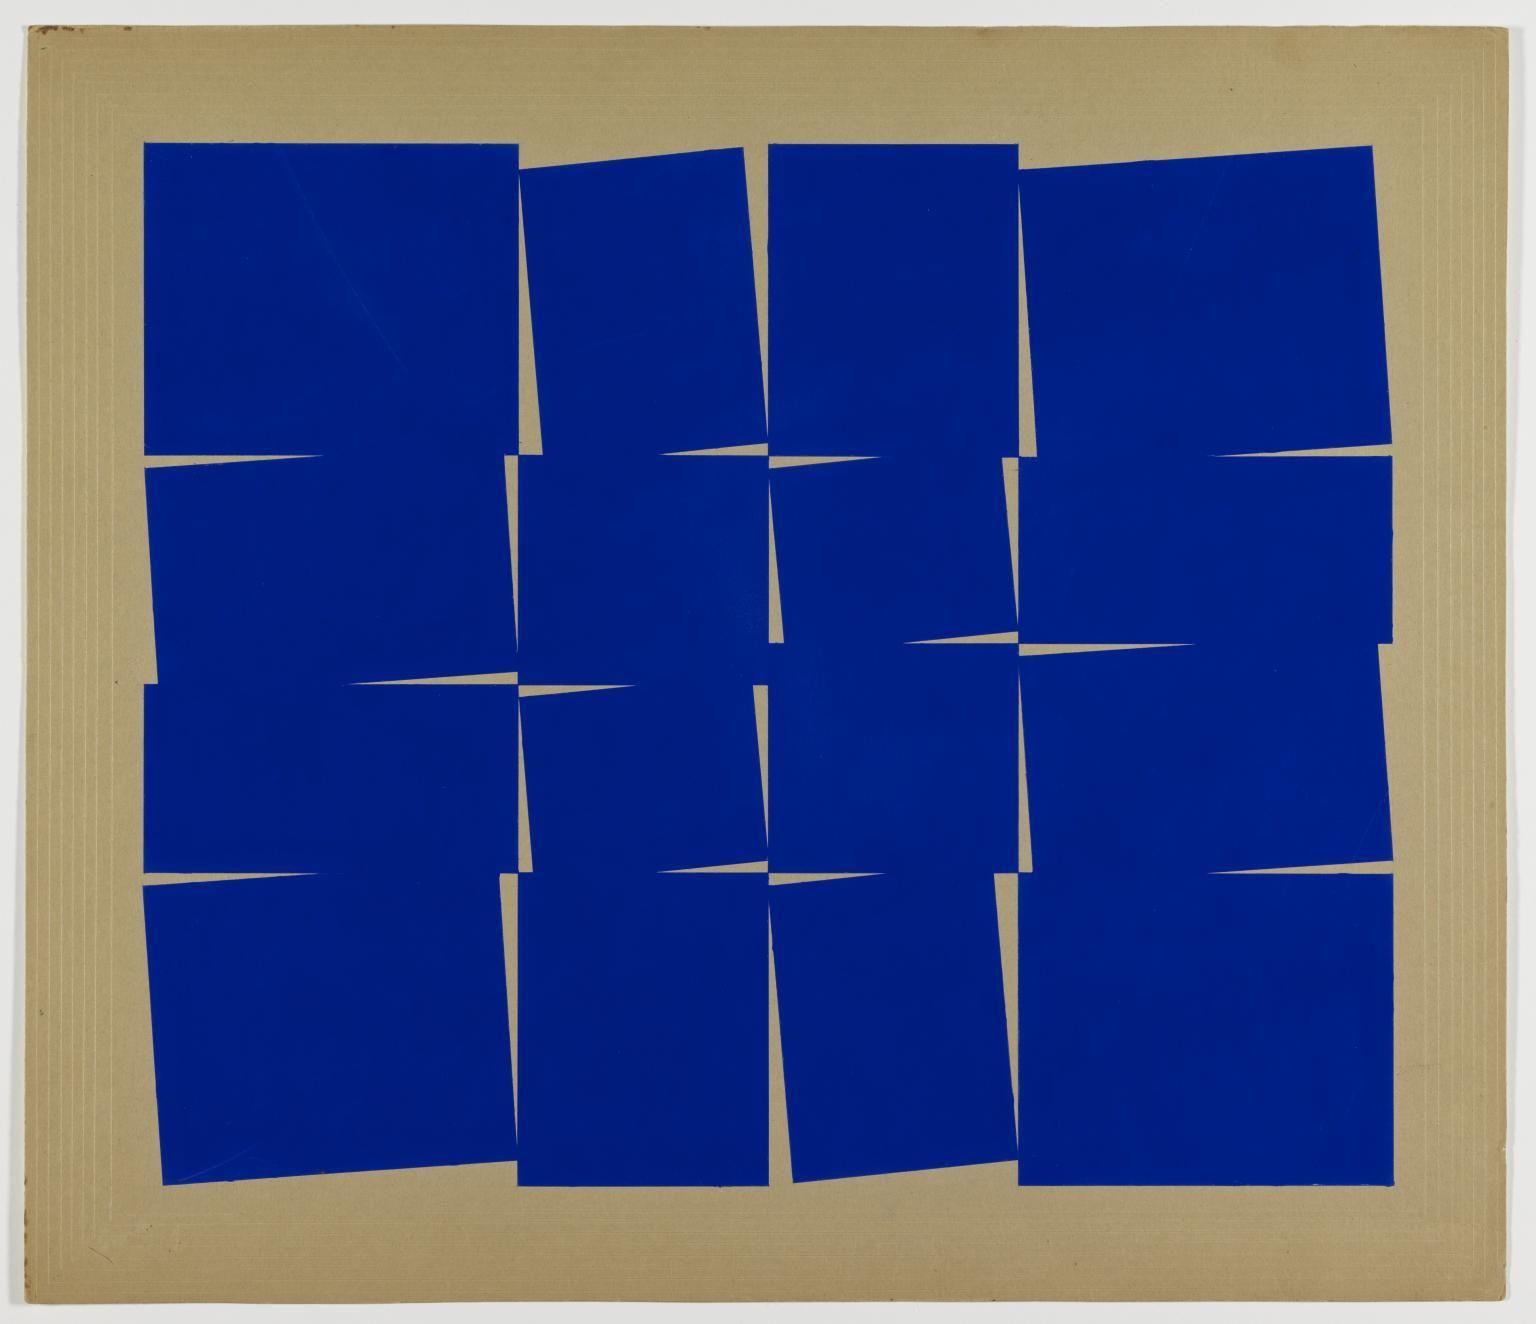 Lio Oiticica Metaesquema 1958 Projeto Brazilian Art In 2019 Kunst